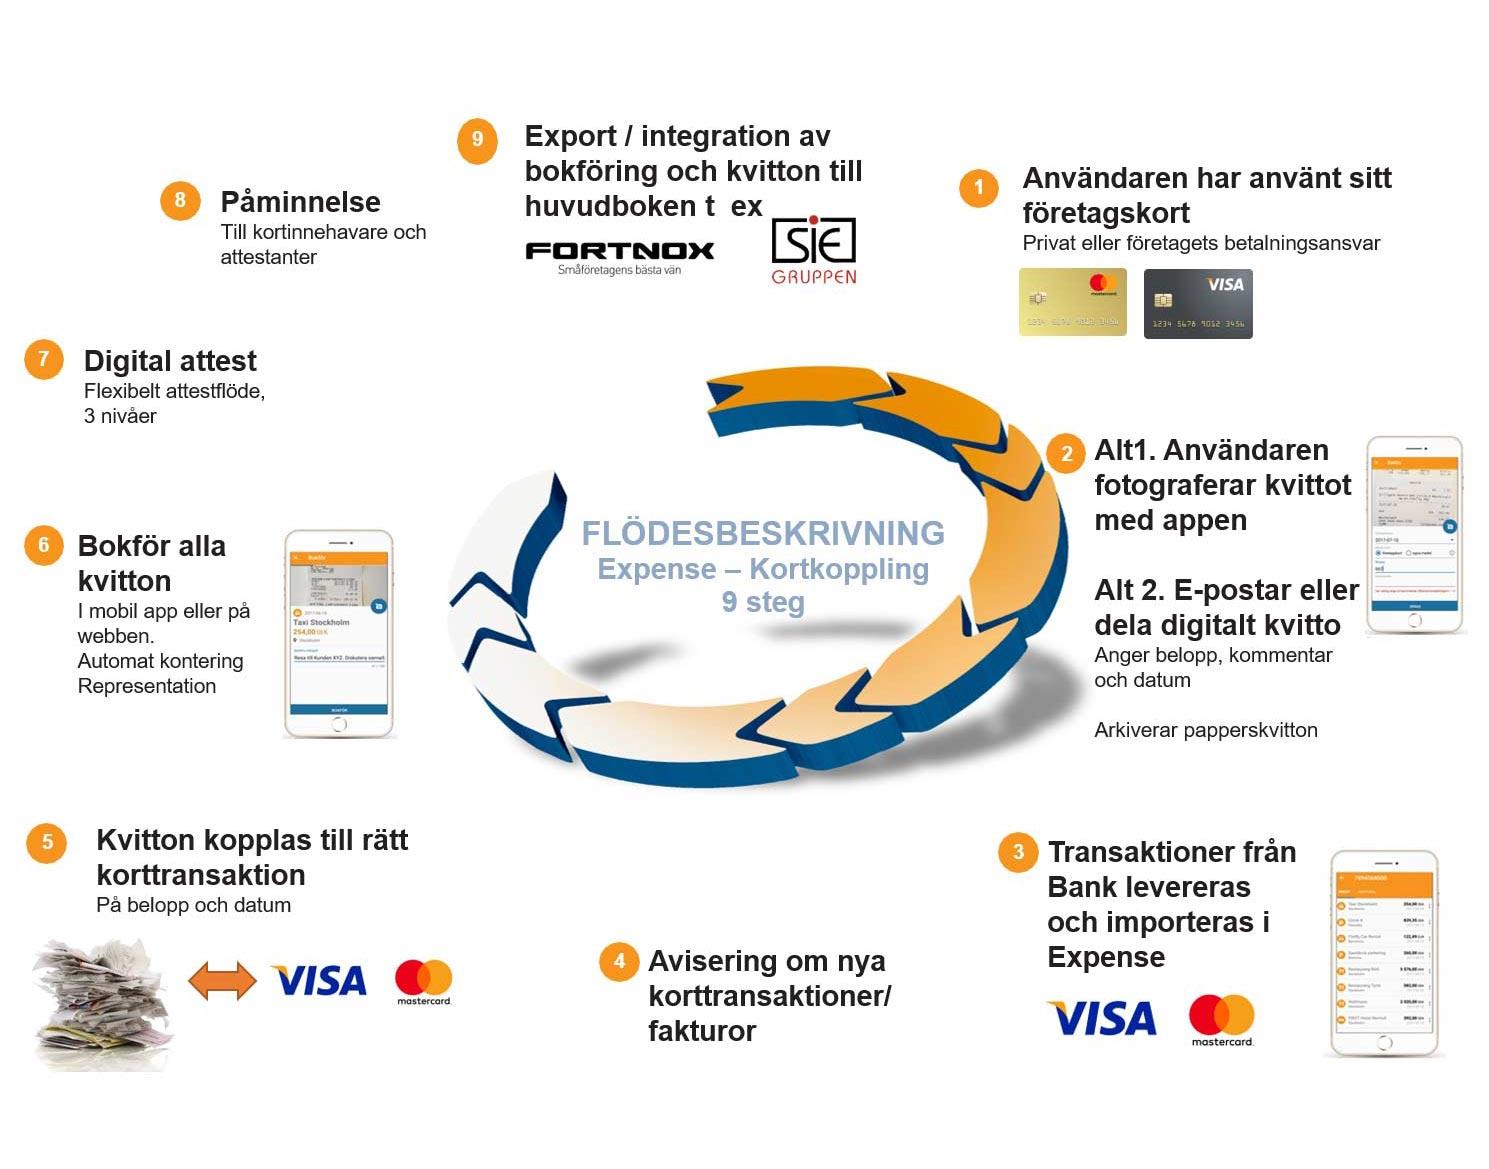 Flödesbeskrivning av betalkortskoppling.